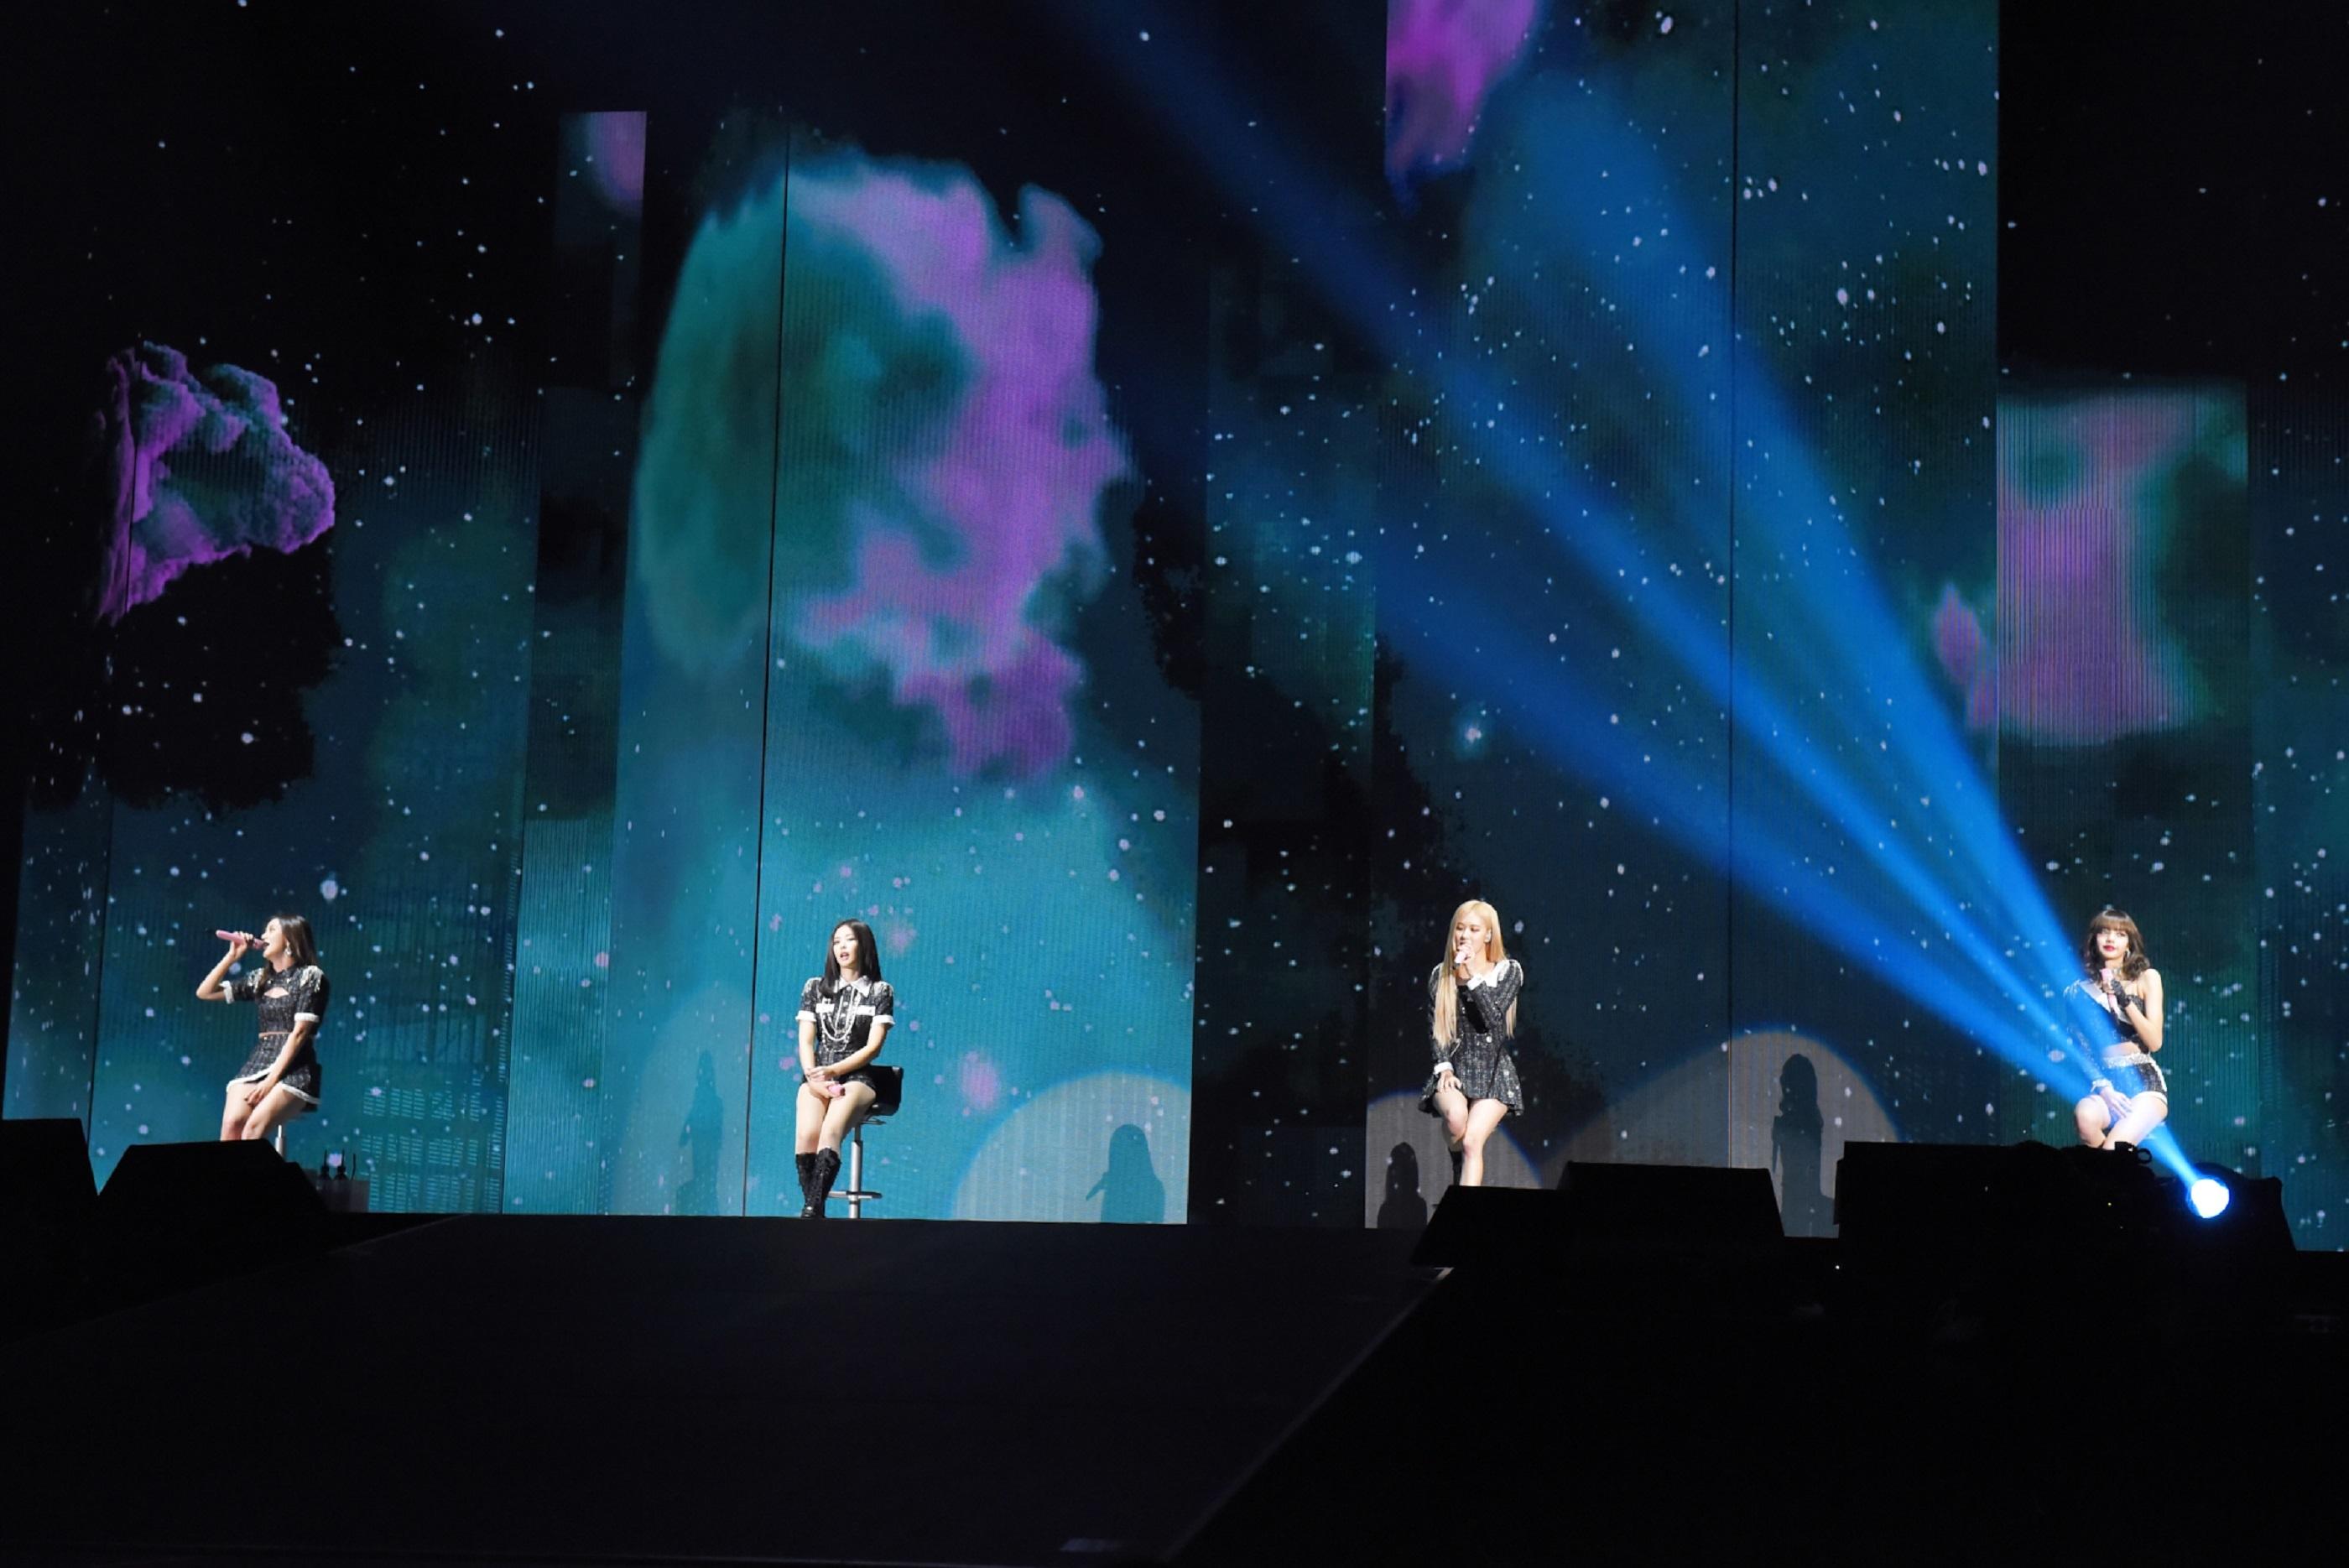 ガールクラッシュ、BLACKPINK初の東京ドーム公演へ!_1_2-5